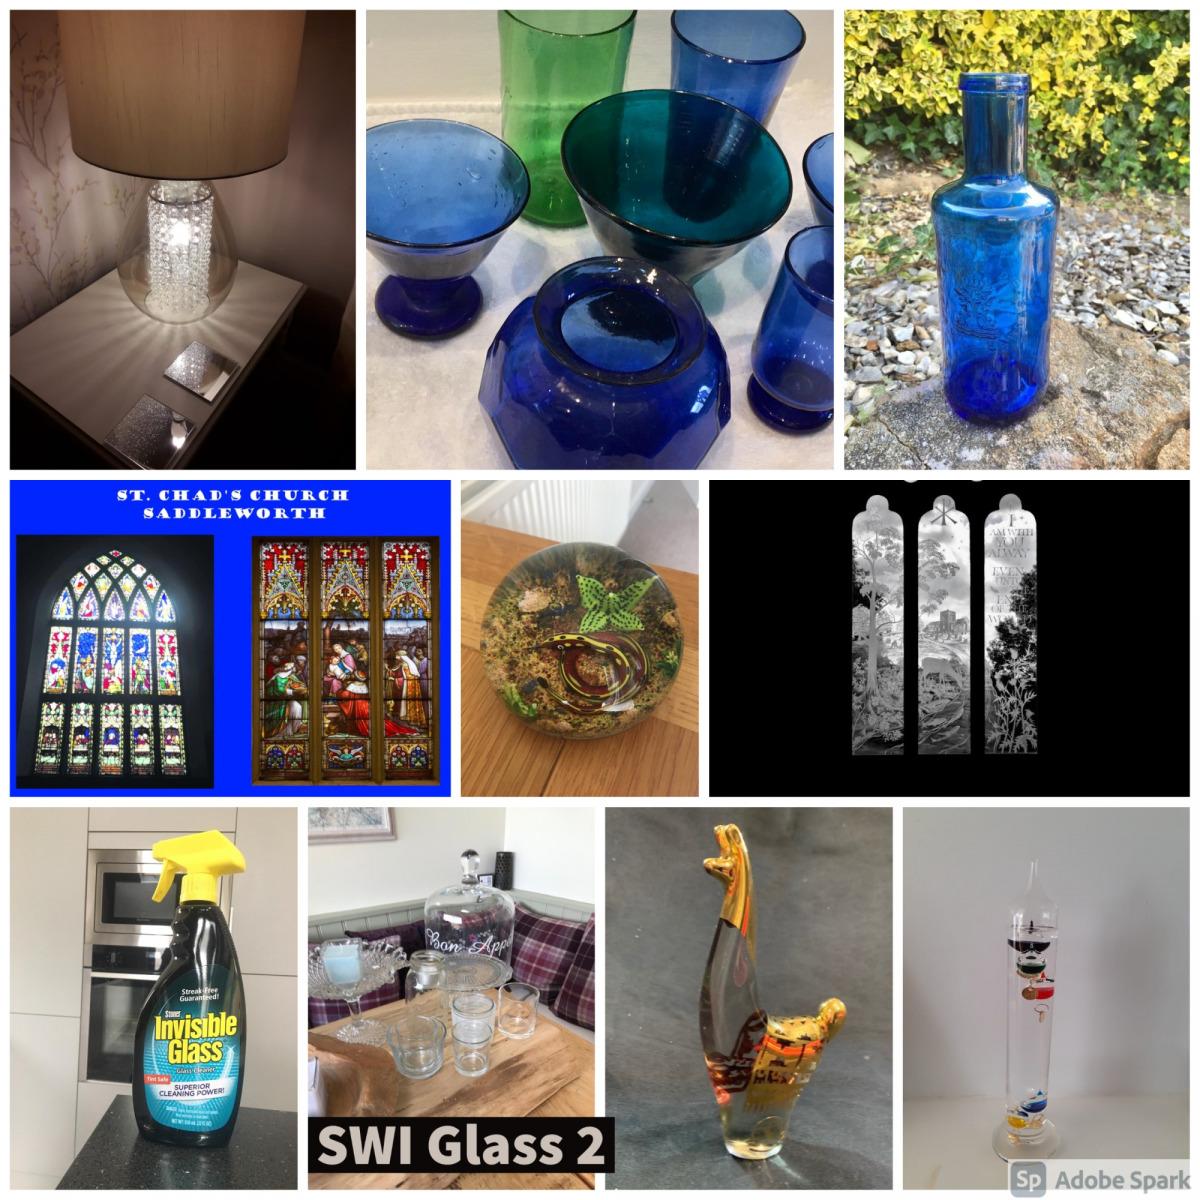 SWI-Glass-2